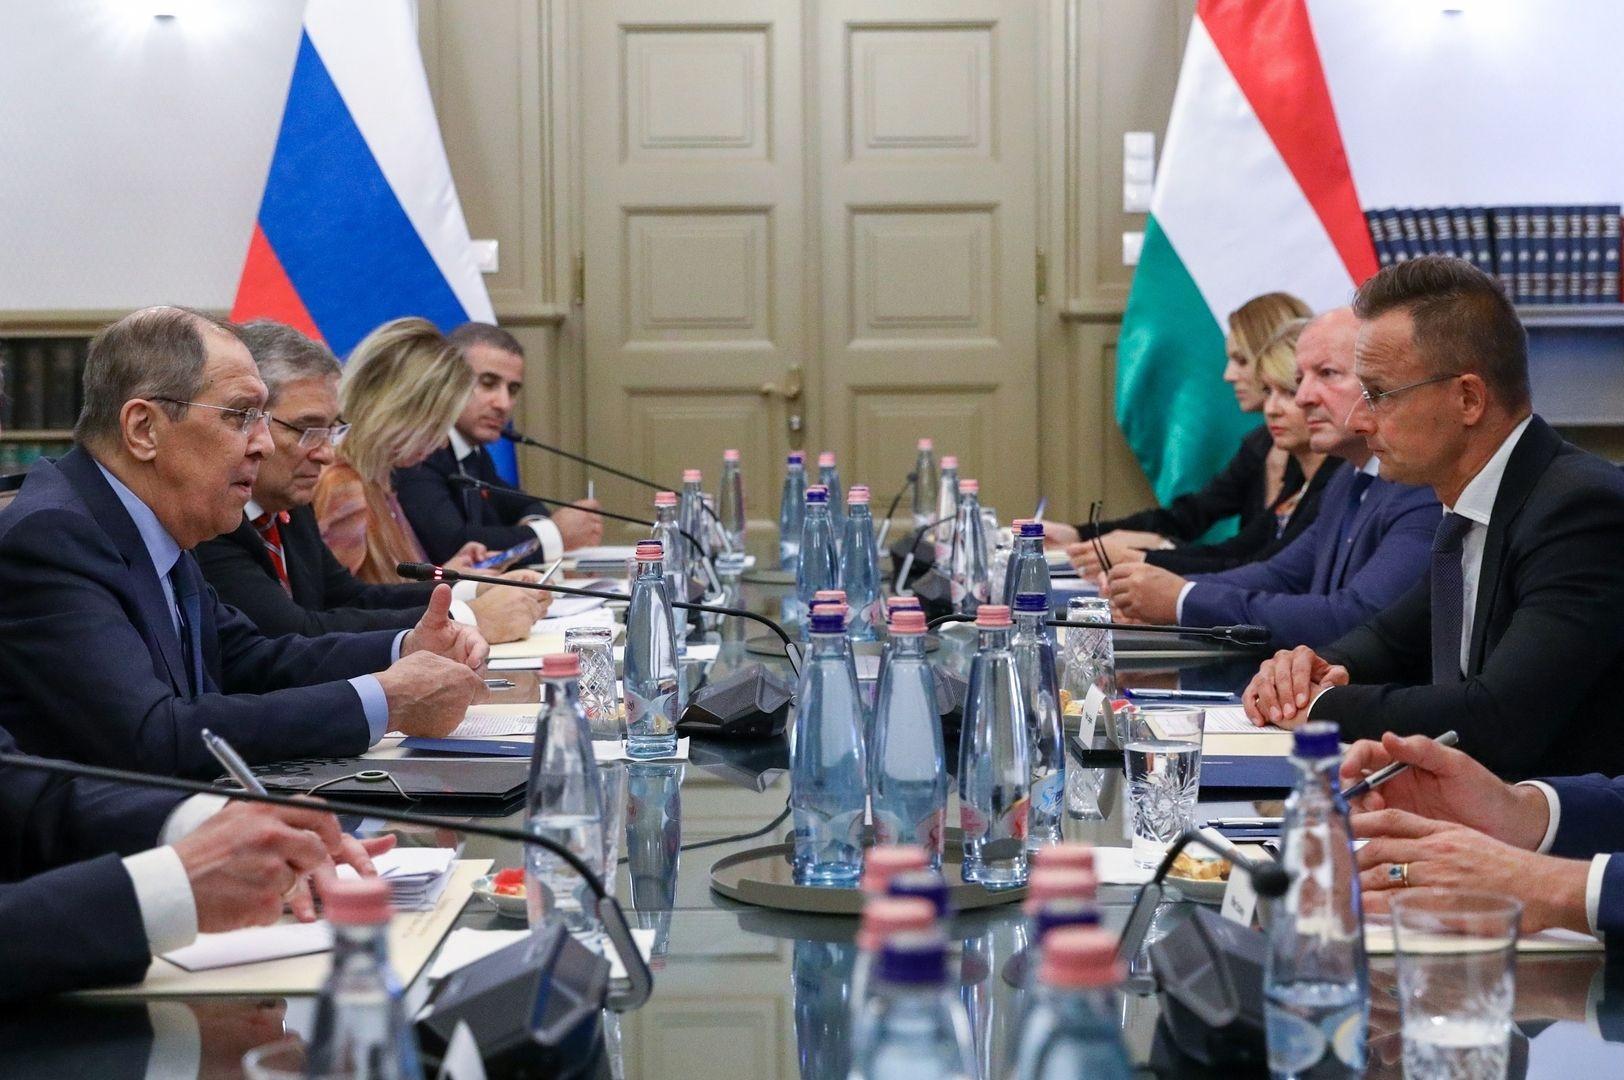 Quốc gia EU khẳng định hợp tác với Nga mang lại lợi ích to lớn. (Nguồn: RT)